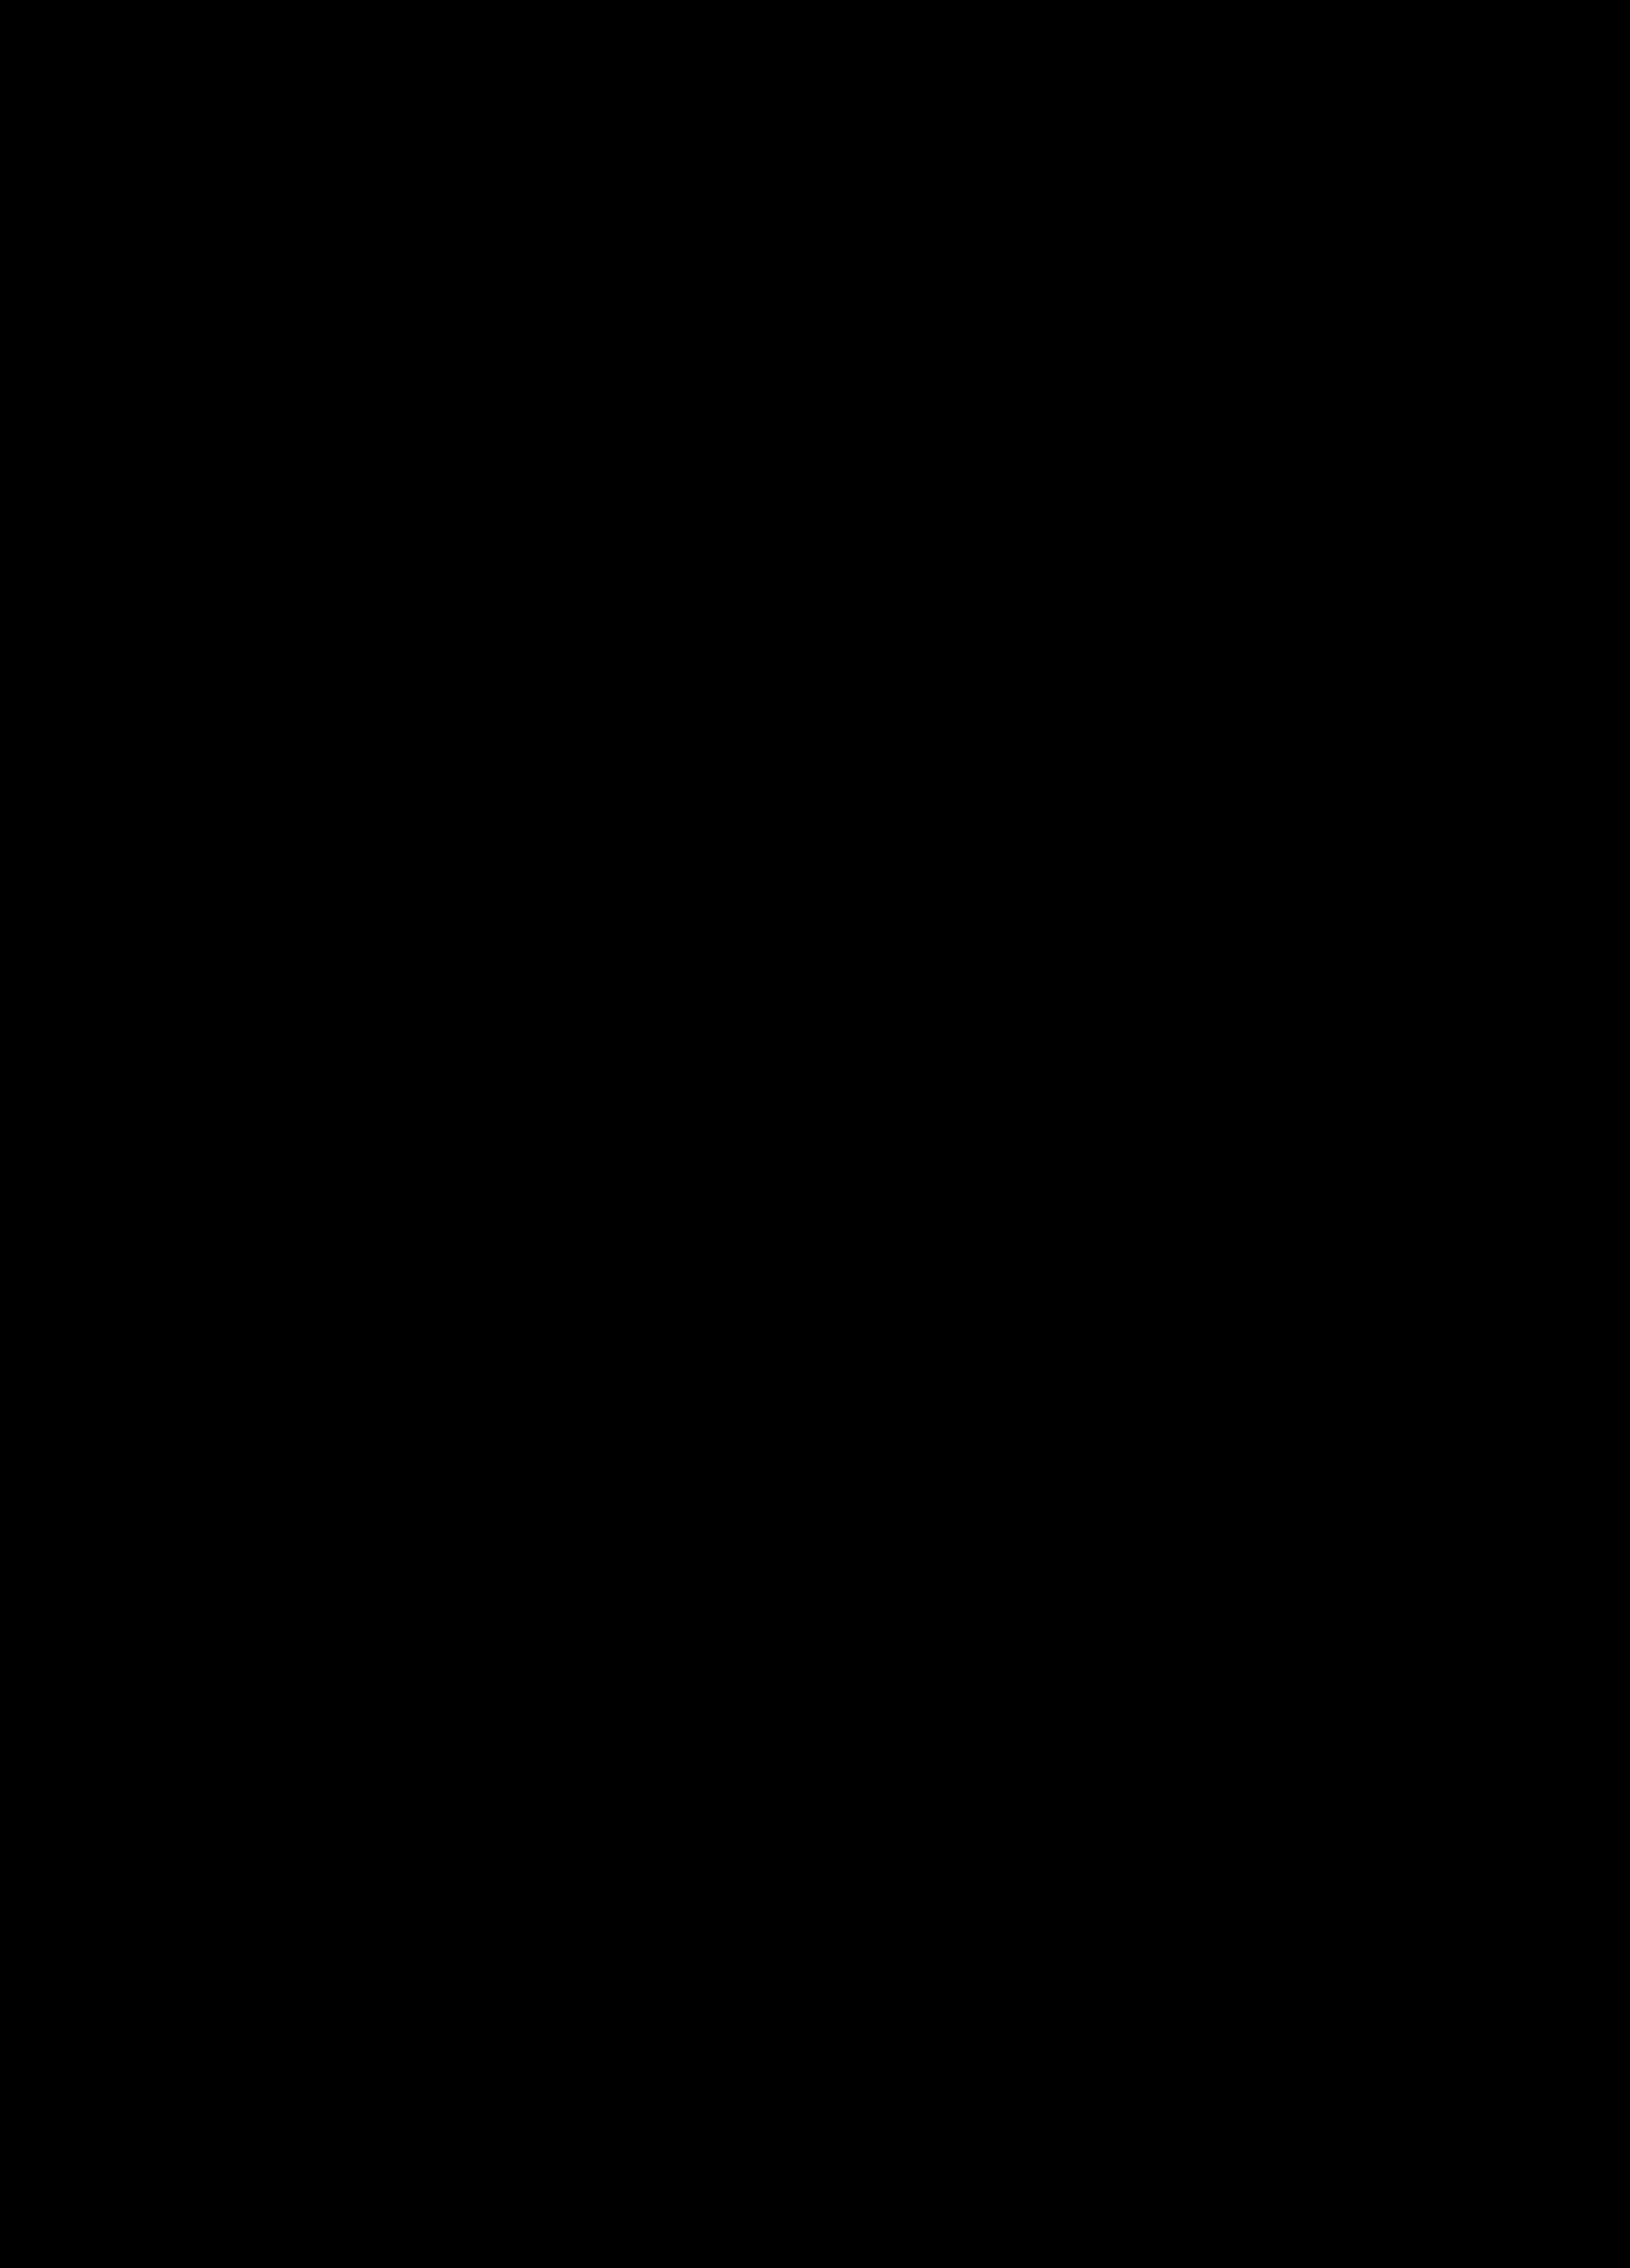 チキチキバンバン楽譜